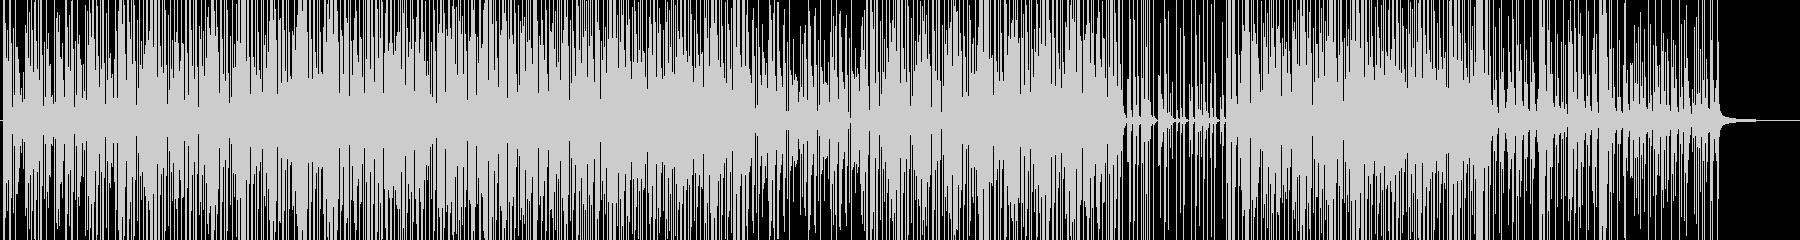 Tito Puenteスタイルのア...の未再生の波形